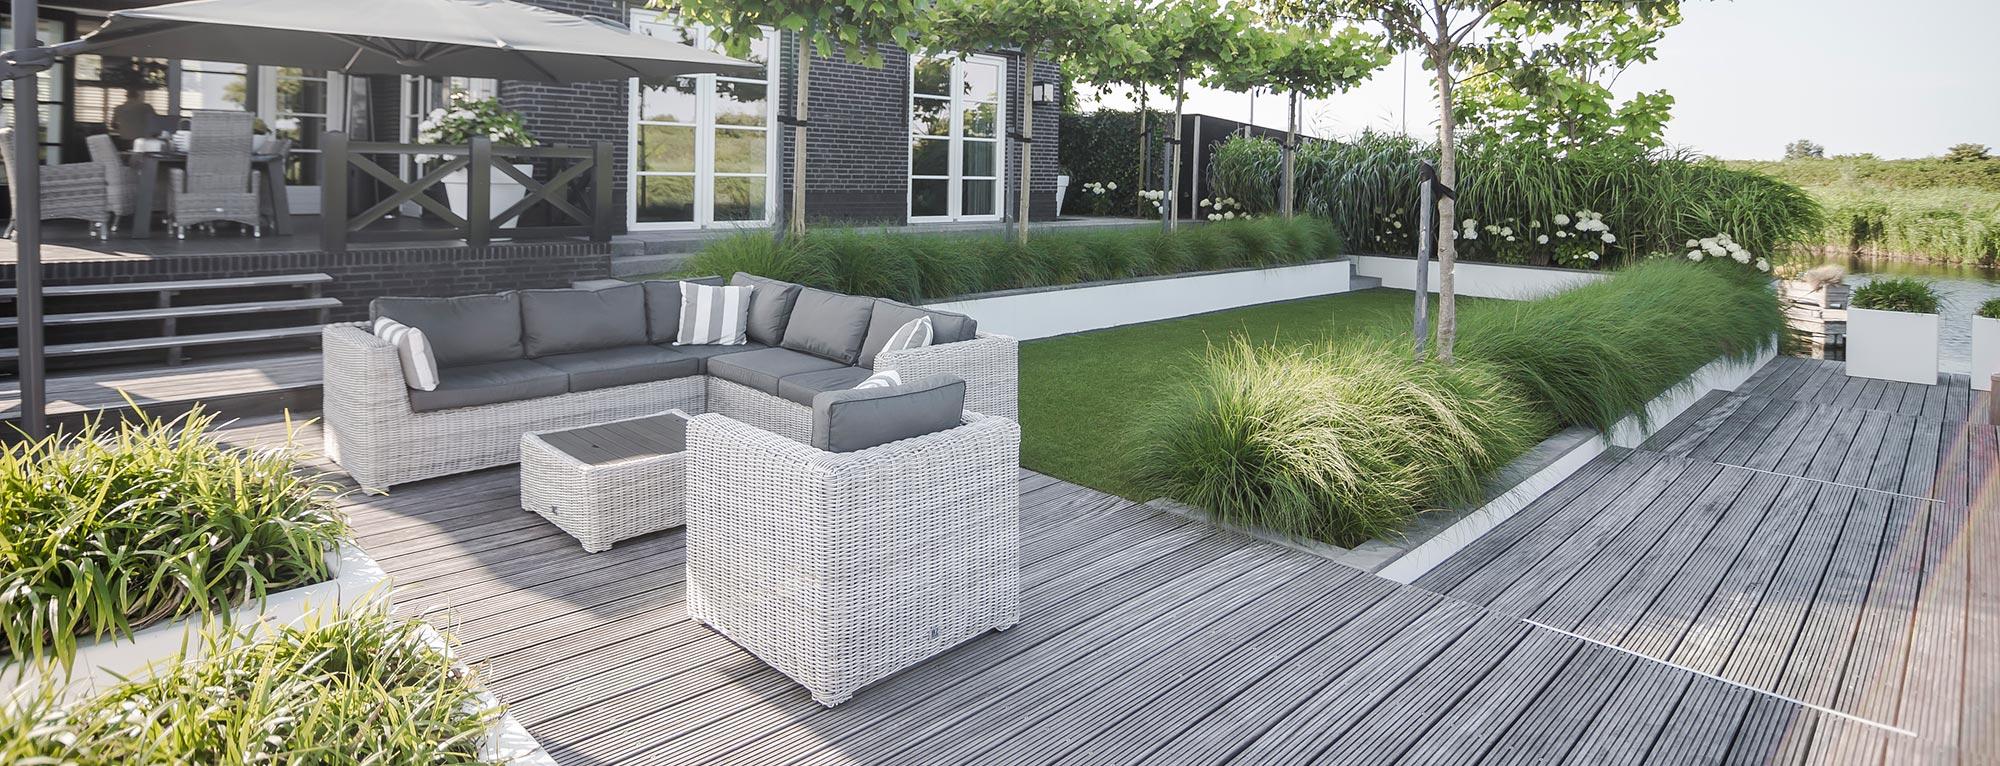 Welkom bij buytengewoon tuinen moderne stadstuinen for Moderne tuin aanleggen